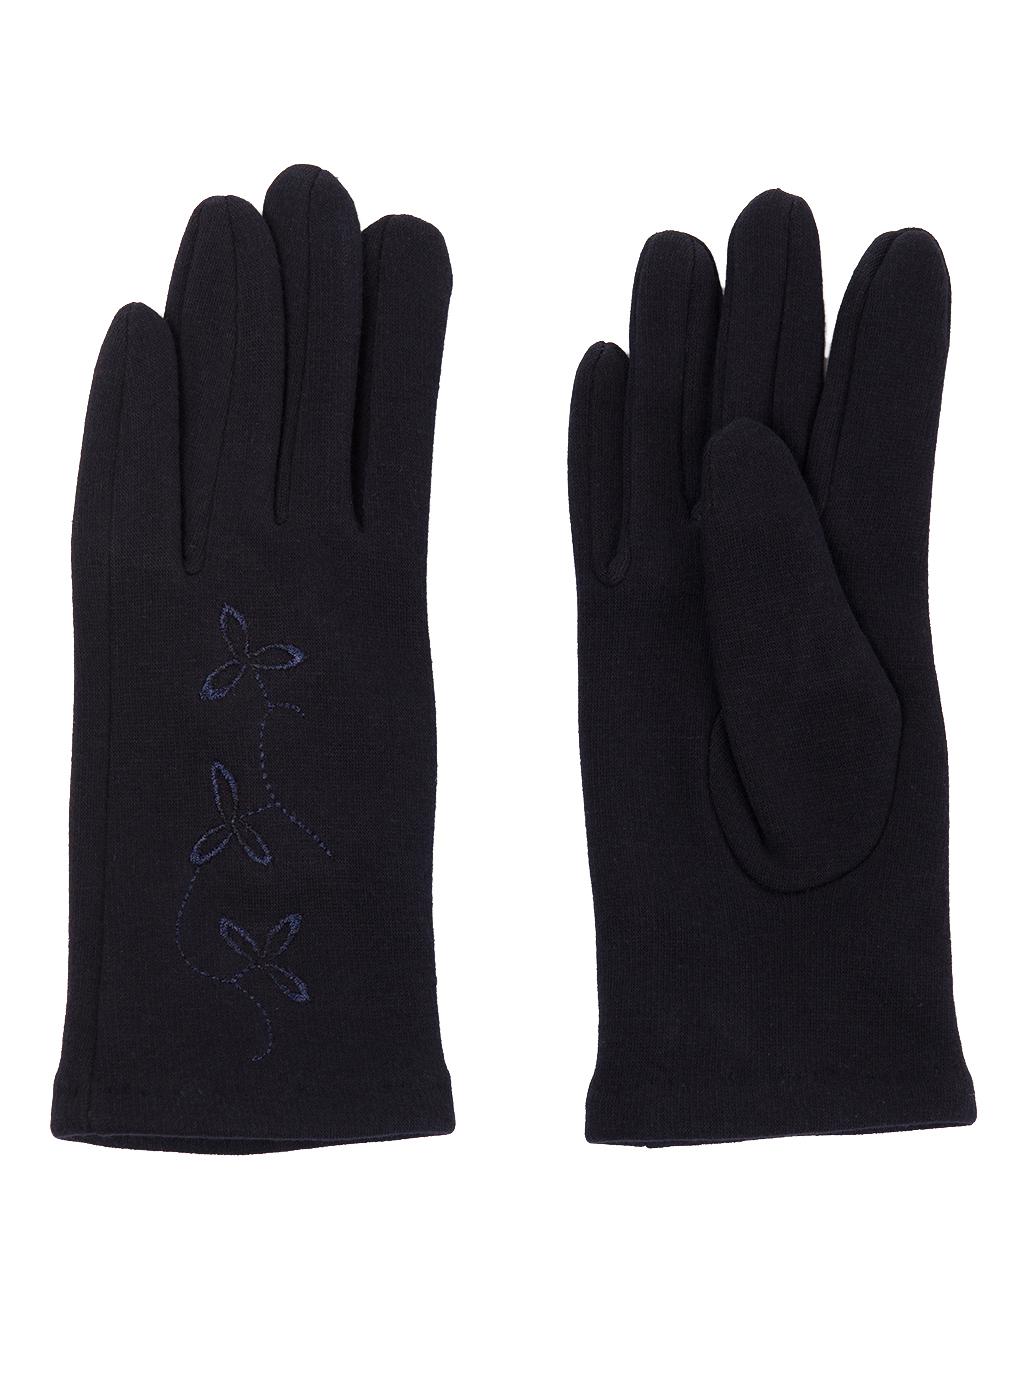 Перчатки женские из трикотажа 09, Hannelore фото